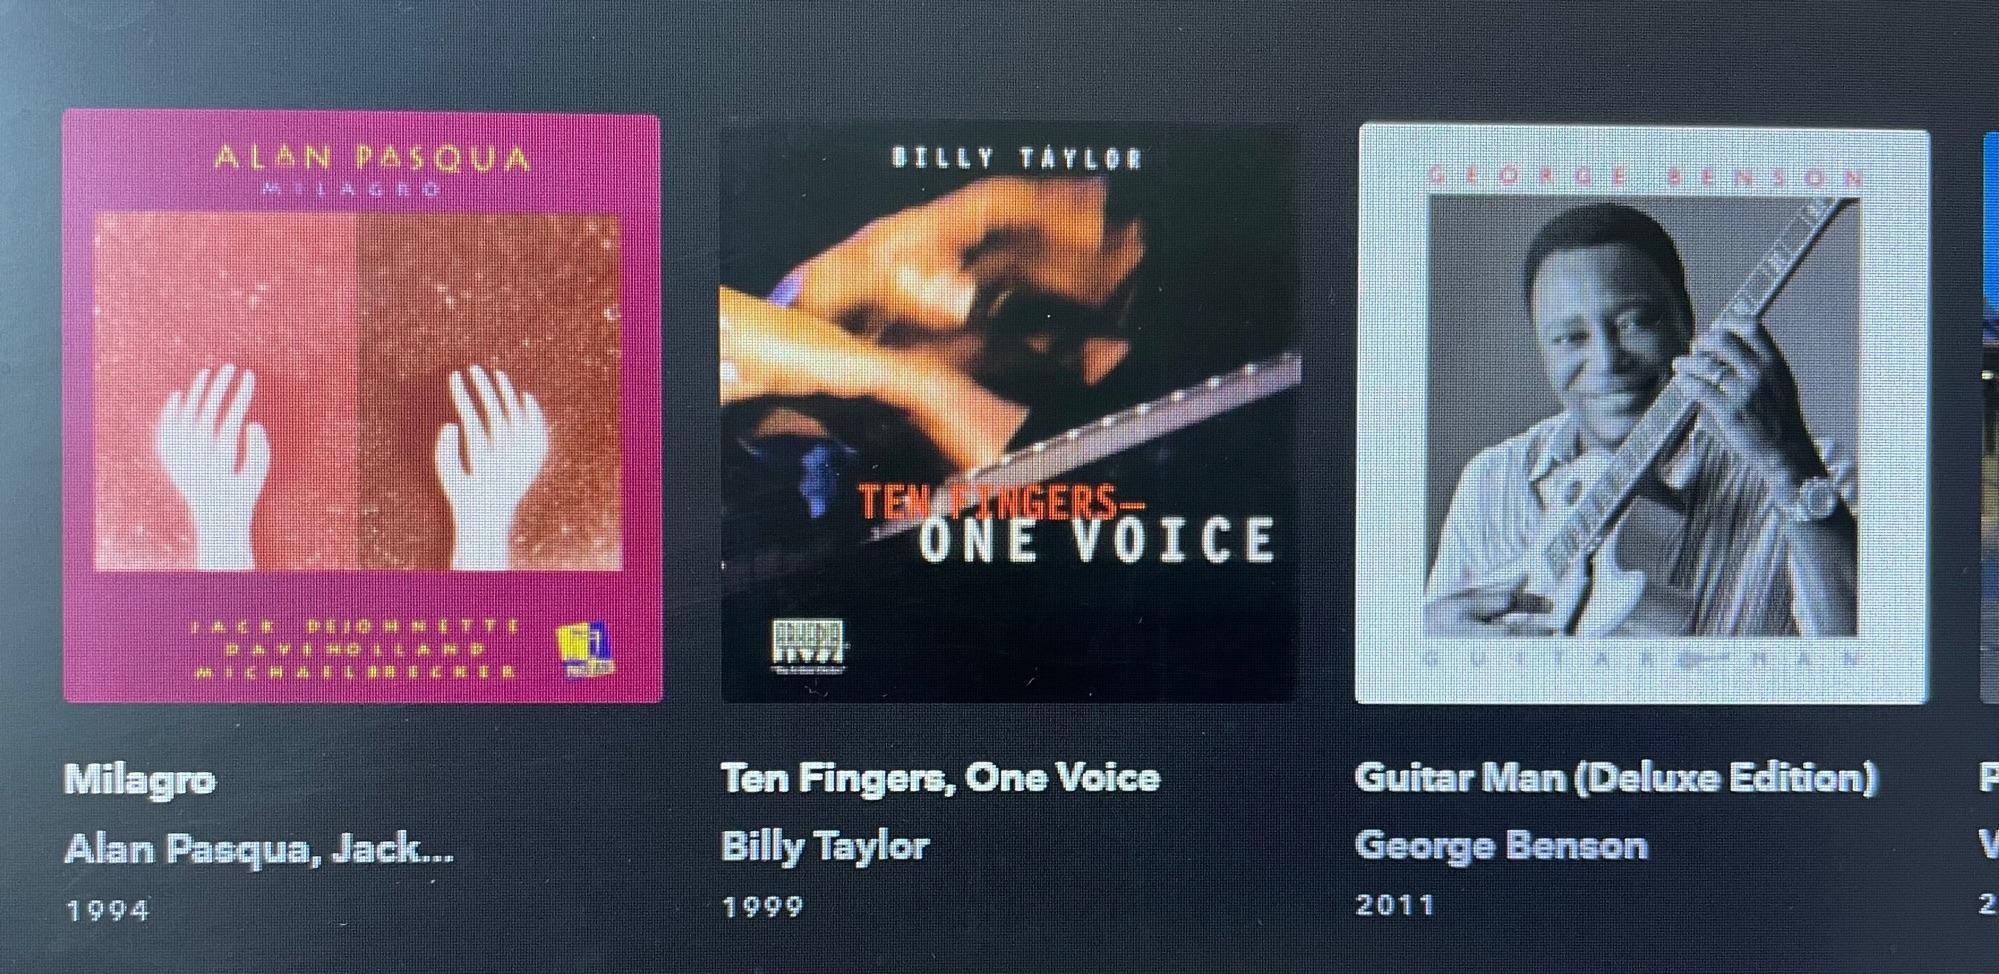 """На Tidal в раздеде джаз в графе «New Albums"""" сегодня первые три альбома не 2021 года выпуска. Это сначало вызвало у меня легкое недоумение, которые сменилось удовлетворением. Не появись данные диски в этой графе, я бы ещё долго не знал бы о чудесной сольной работе пианиста Билла Тейлора Ten Fingers, One Voice."""